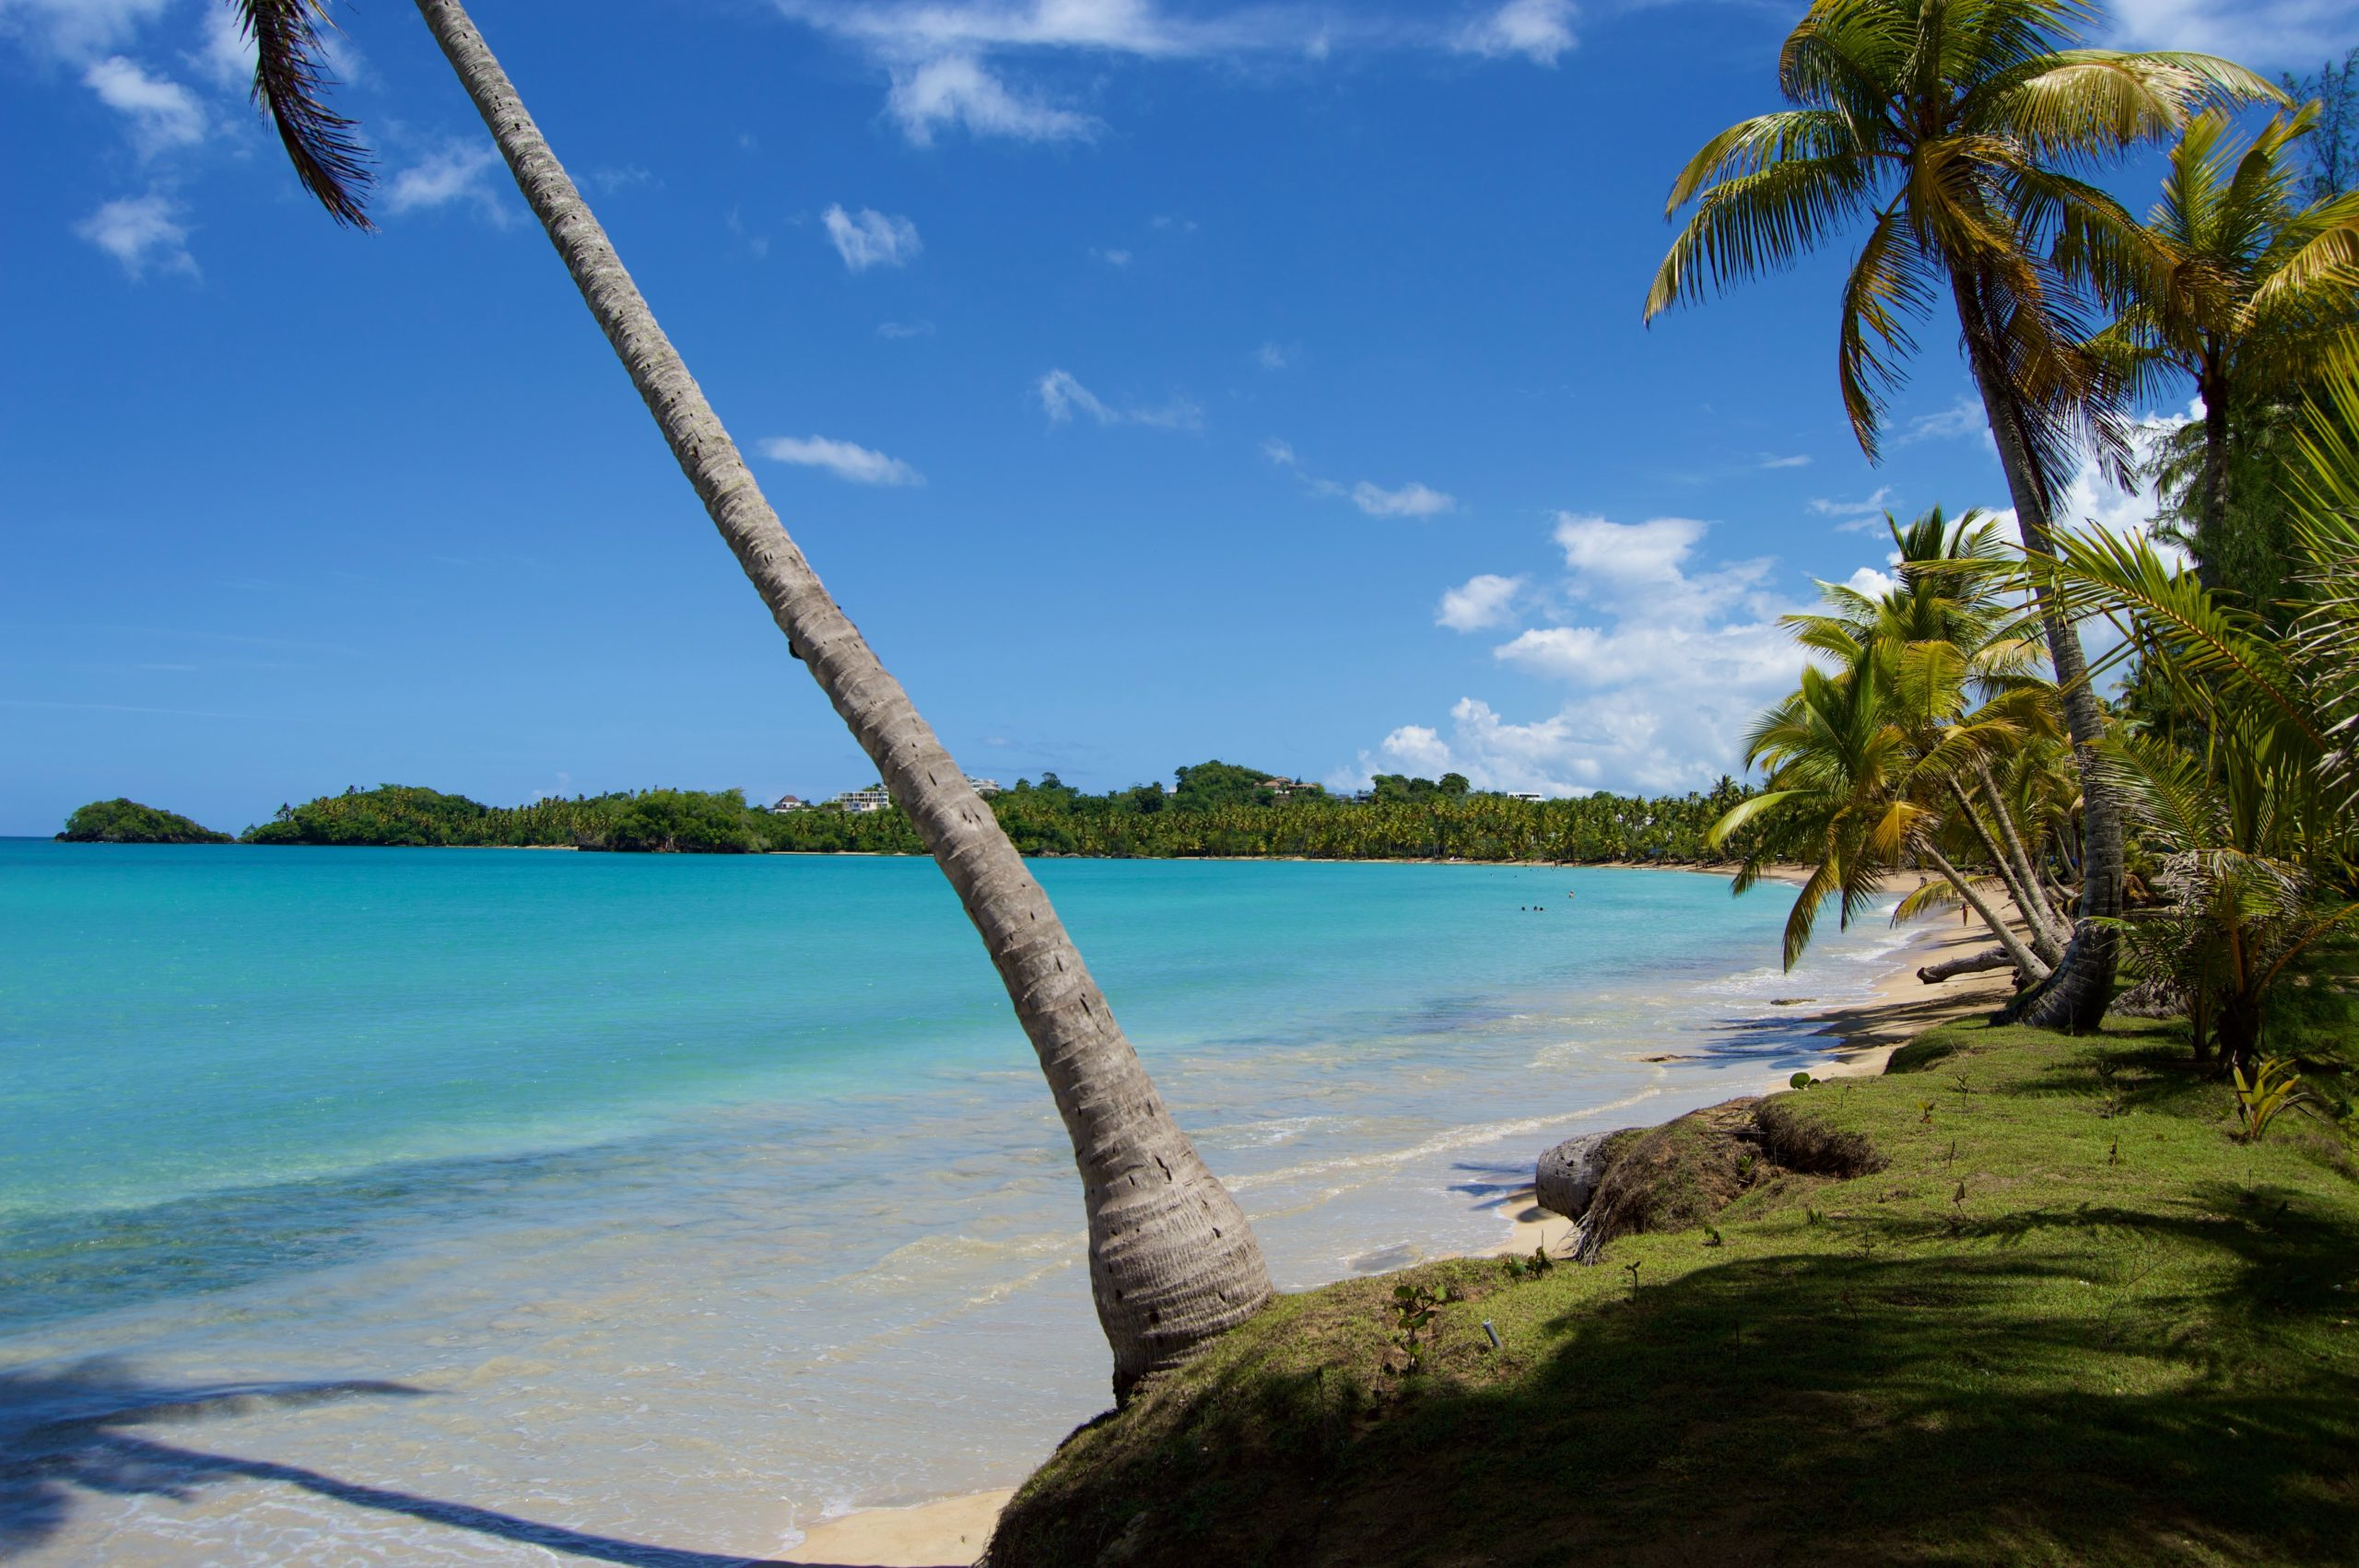 Zima 2021/22 Egzotyka W Rewelacyjnych Cenach Dominikana Meksyk Zanzibar